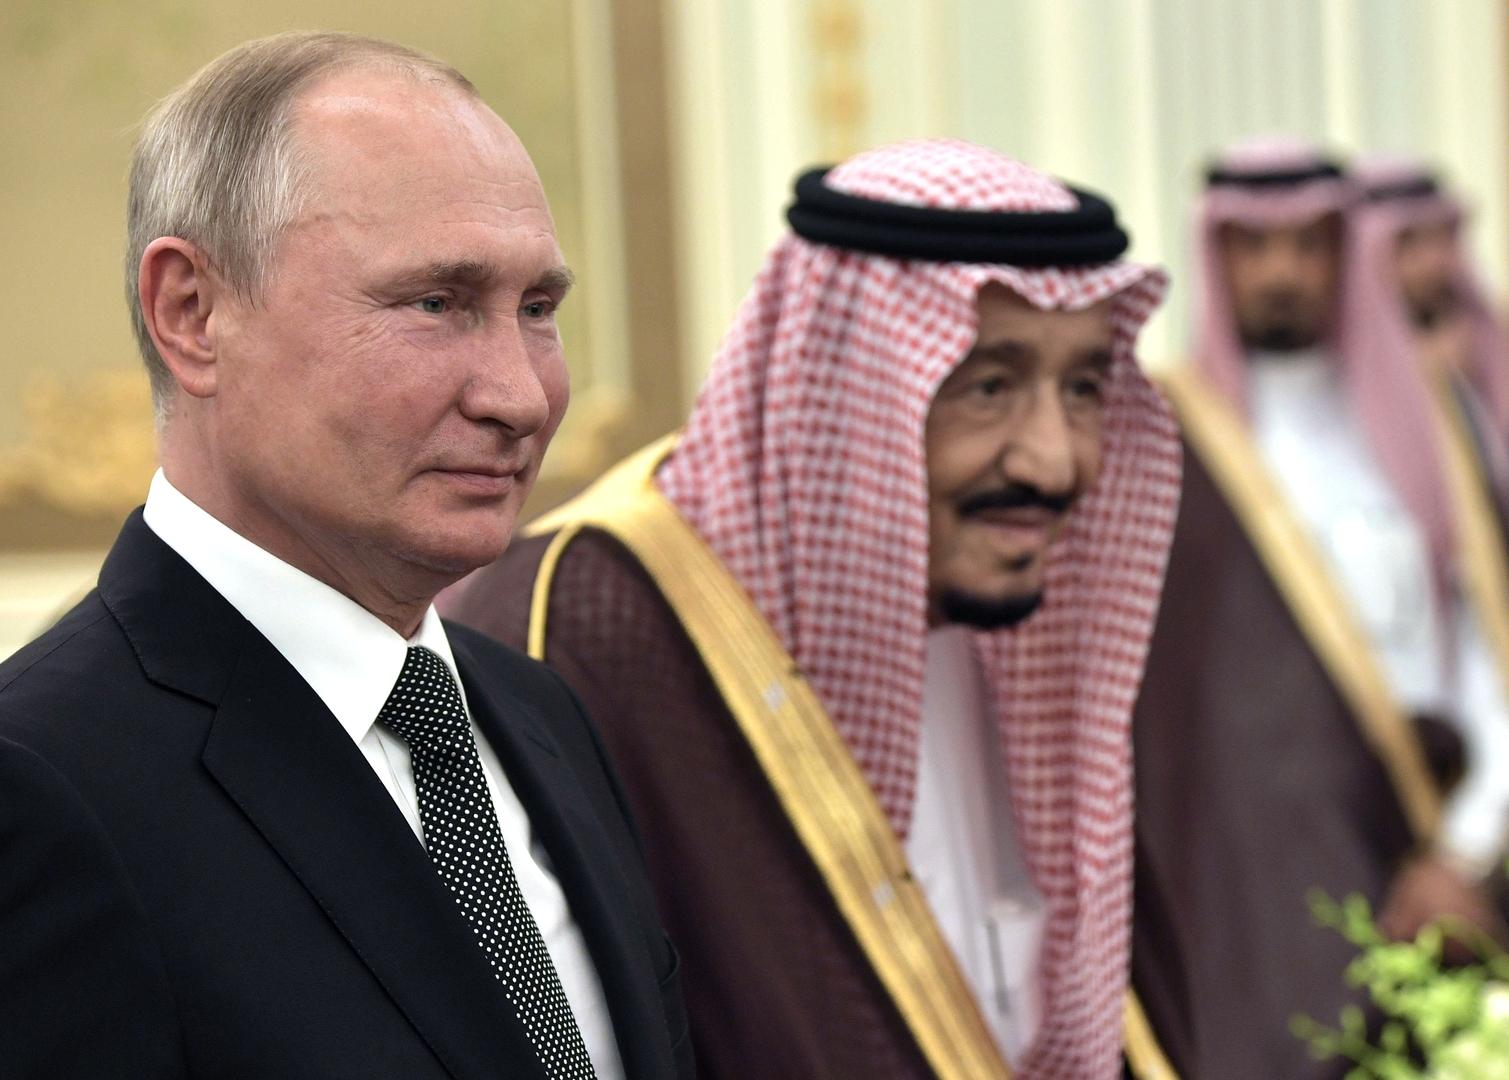 حول طبيعة العلاقات الروسية مع الإمارات والسعودية.. بوتين يتحدث عن مجالات تعاون واعدة مع البلدين